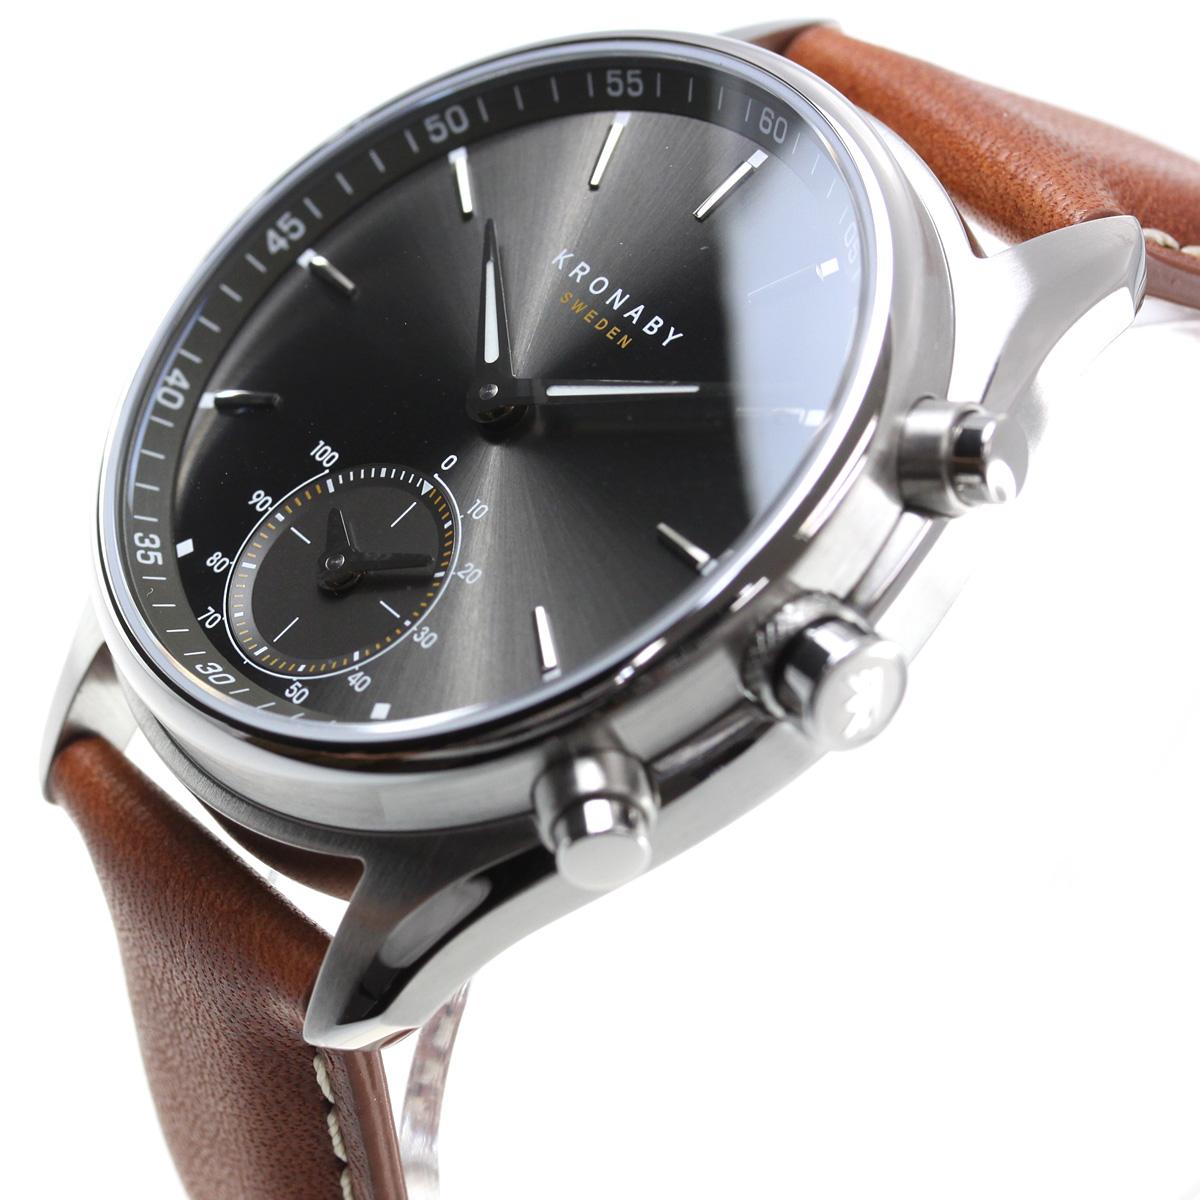 クロナビー KRONABY セーケル SEKEL スマートウォッチ 腕時計 メンズ A1000-1905